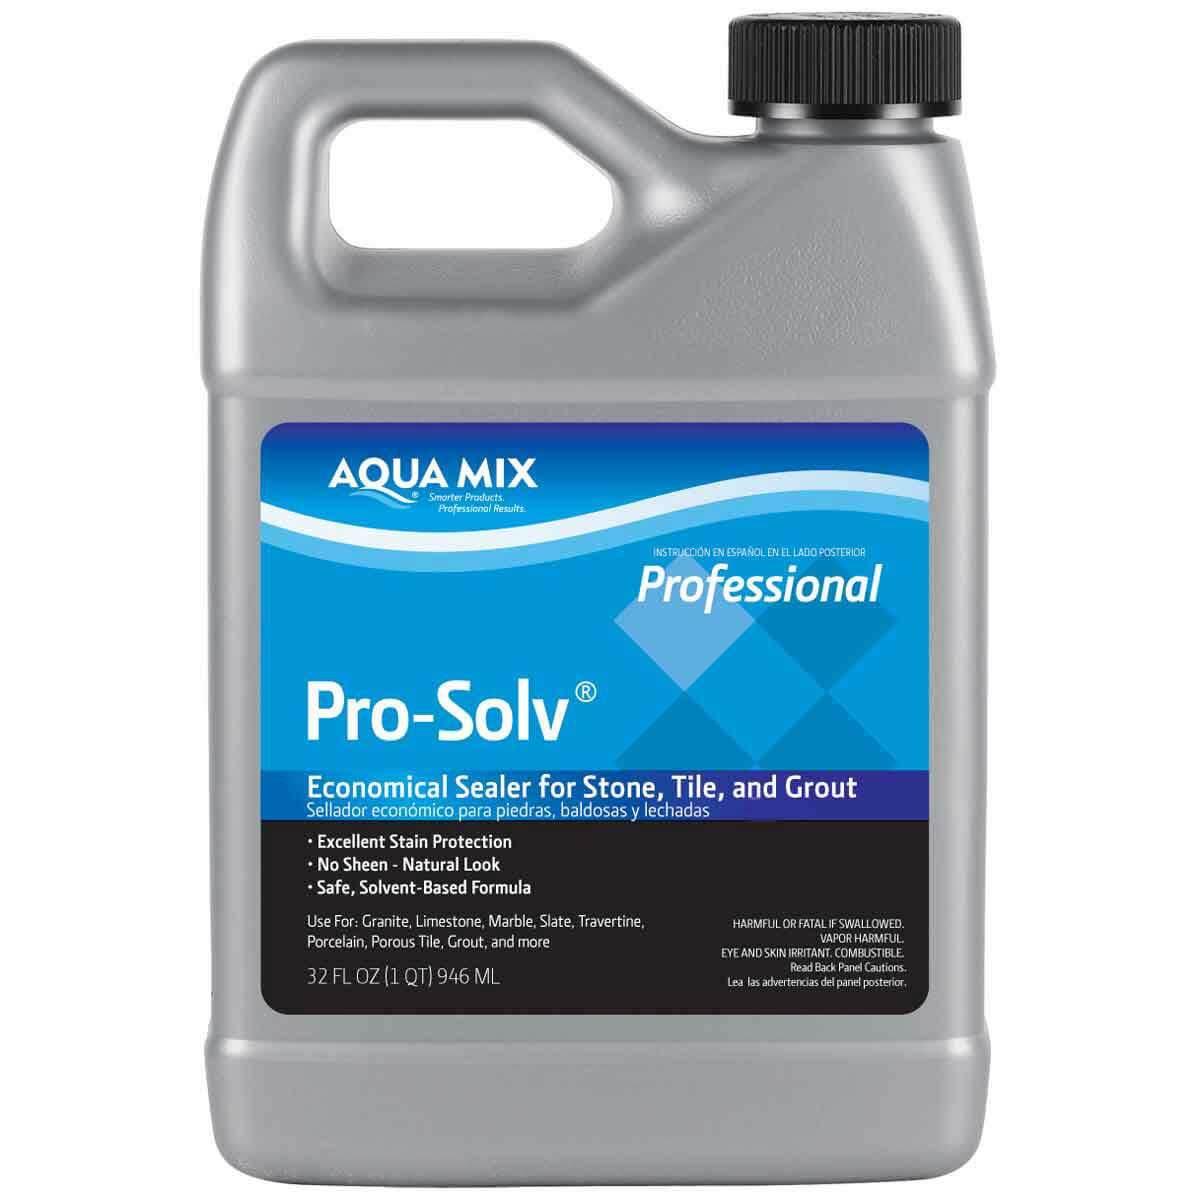 1 Quart Aqua Mix Pro-Solv Sealer 100058-4